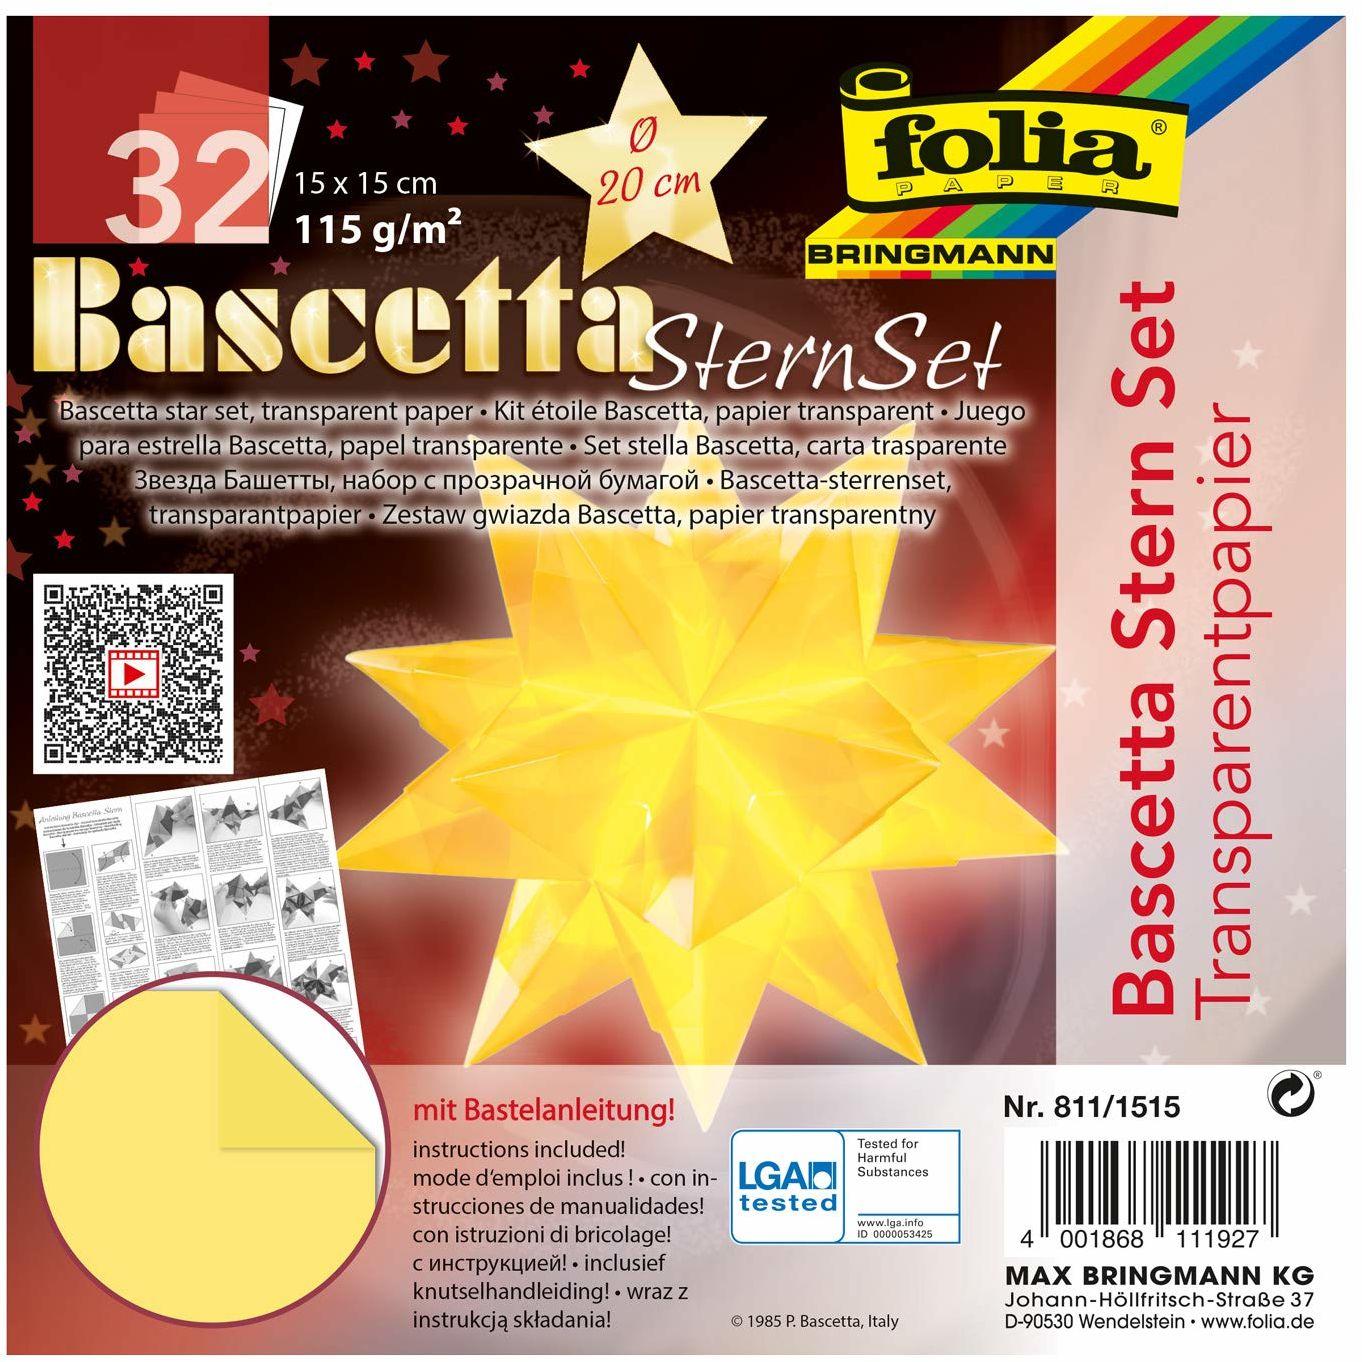 folia 811/1515 Bascetta zestaw, przezroczysty papier, 15 x 15 cm, 115 g/m , 32 arkusze, średnica gwiazdy ok. 20 cm, łącznie z instrukcją majsterkowania, jasnożółty